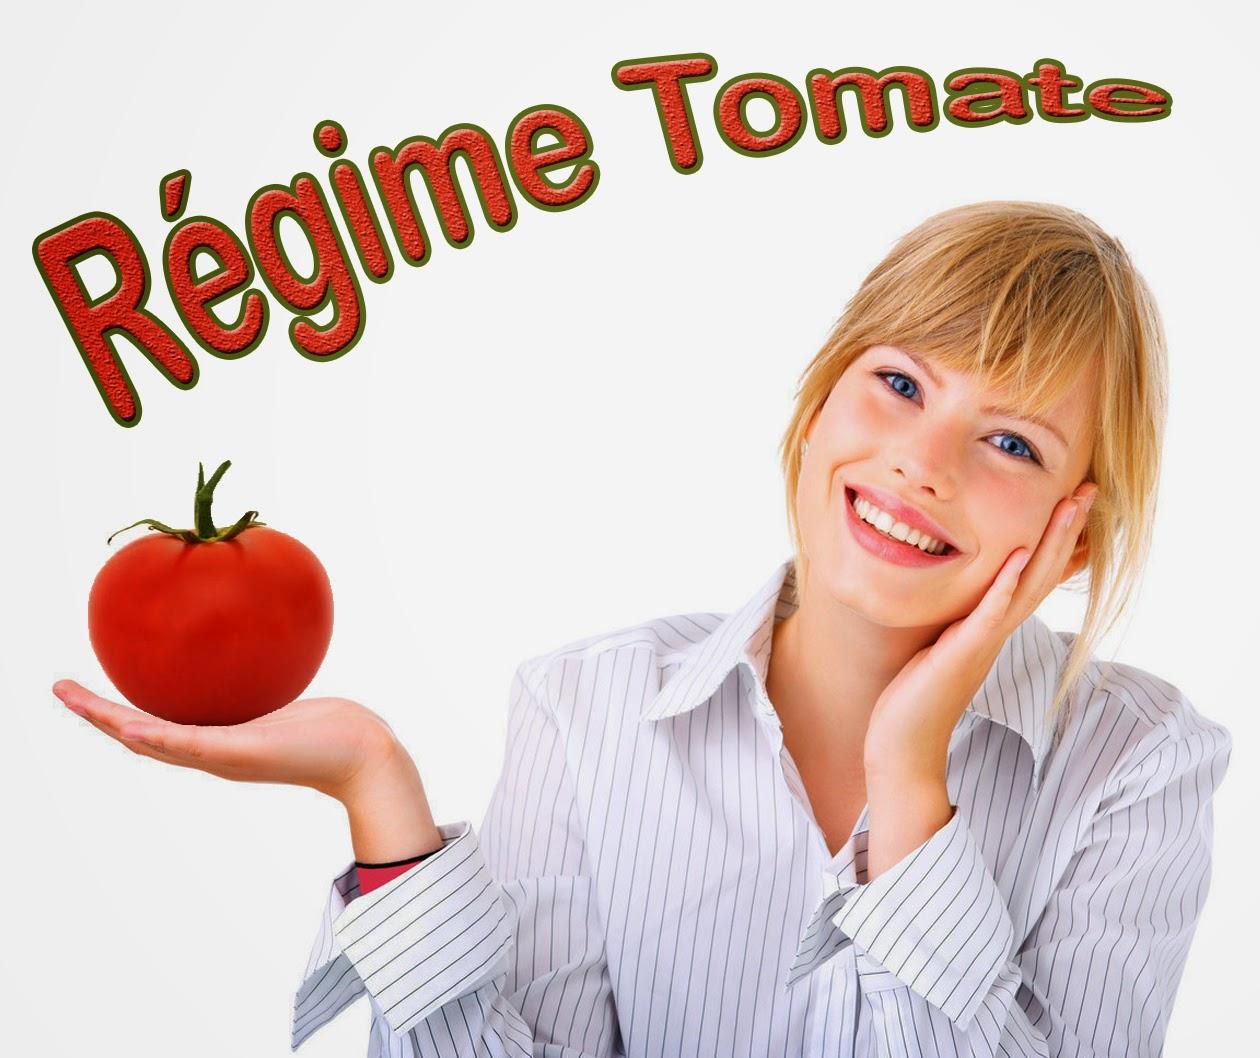 Régime tomate